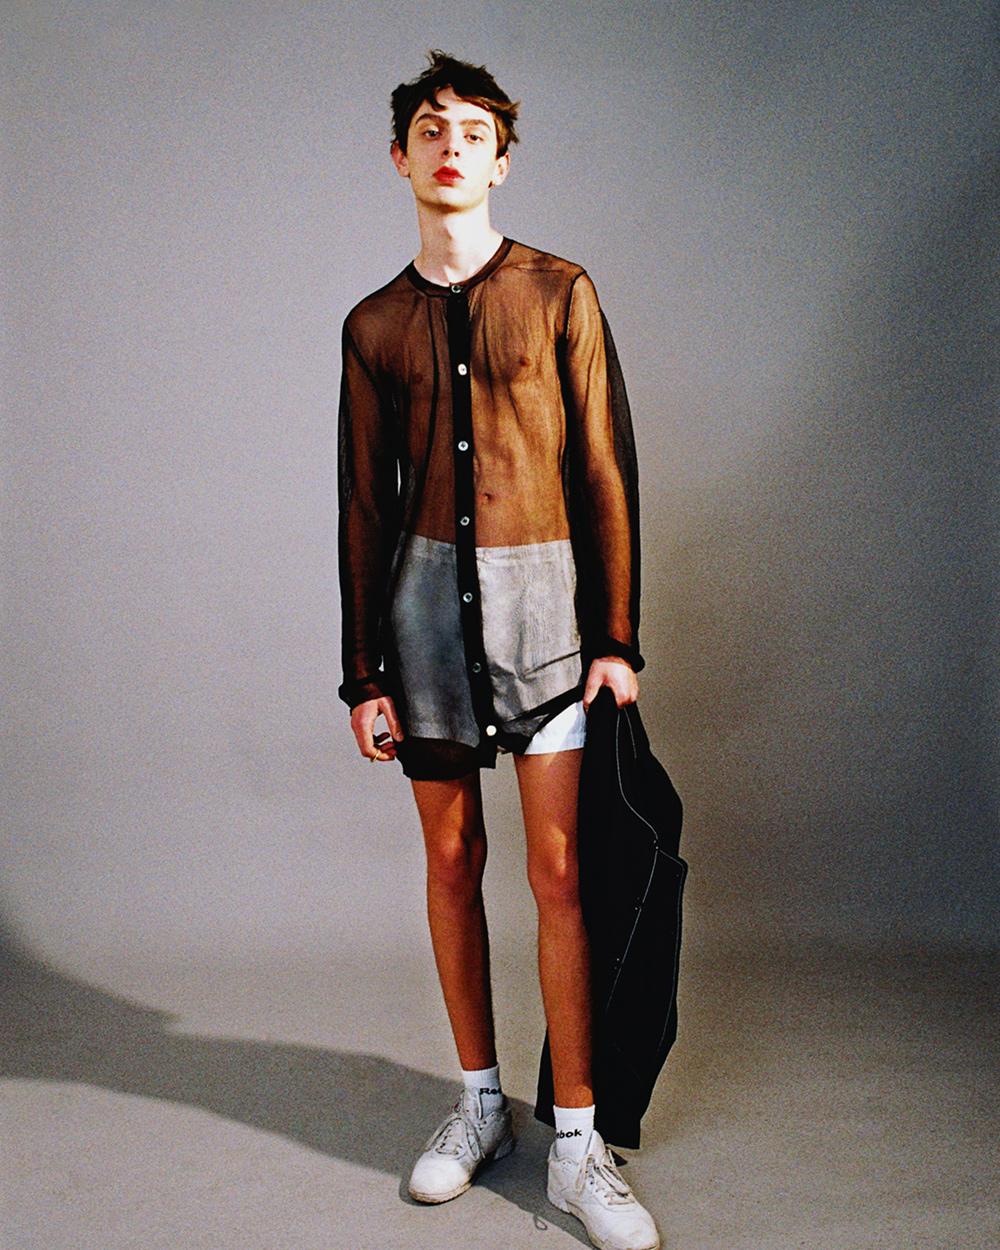 All in Comme des garçons, shoes/socks models own